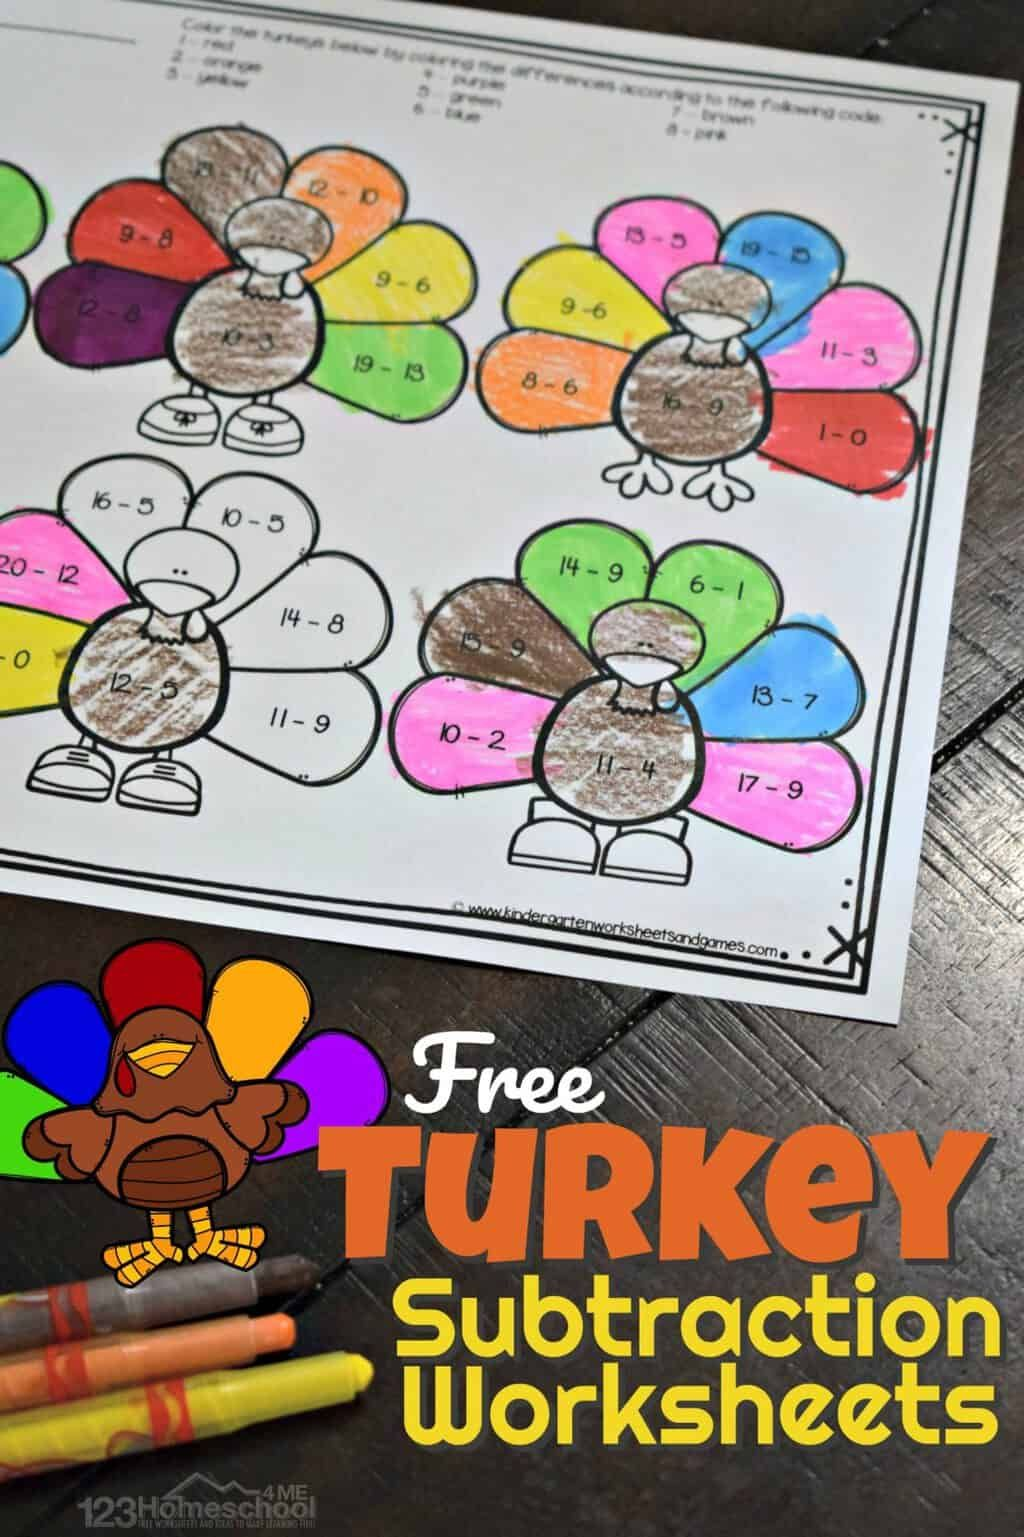 Free Turkey Subtraction Thanksgiving Math Worksheets Thanksgiving Math Worksheets Thanksgiving Math Turkey Math [ 1537 x 1024 Pixel ]